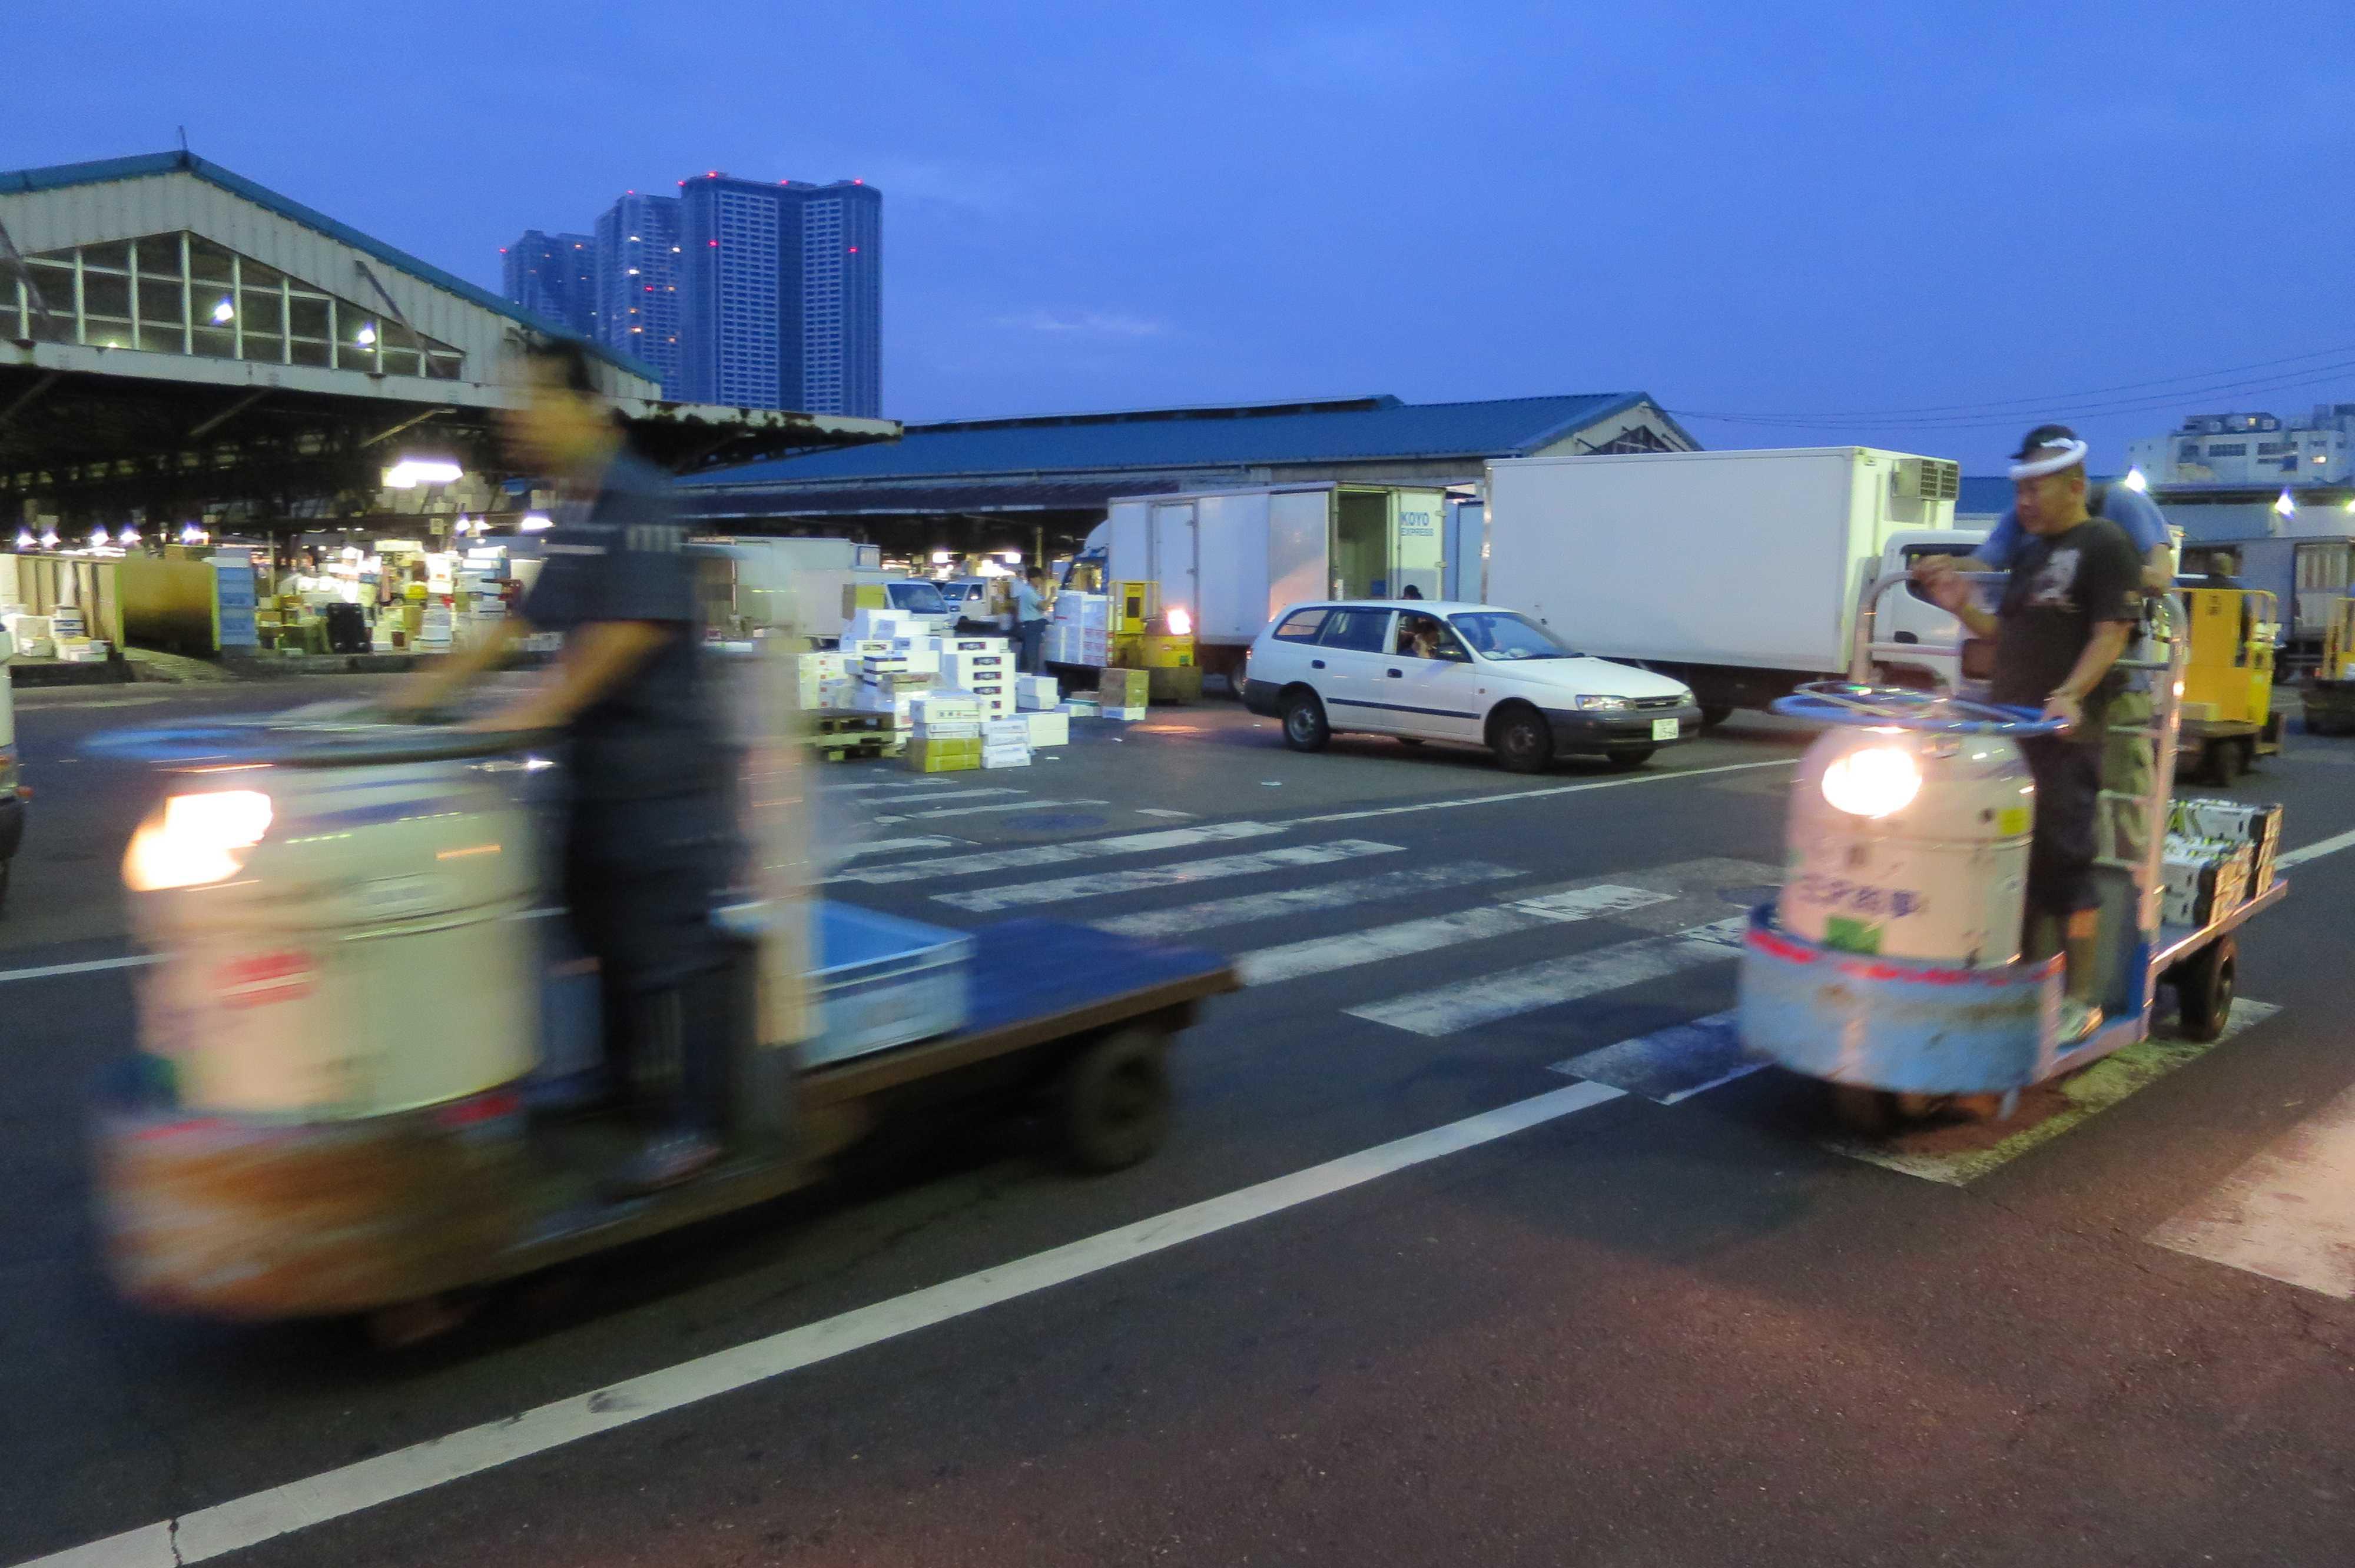 ターレットトラック - 築地市場(場内)の乗り物